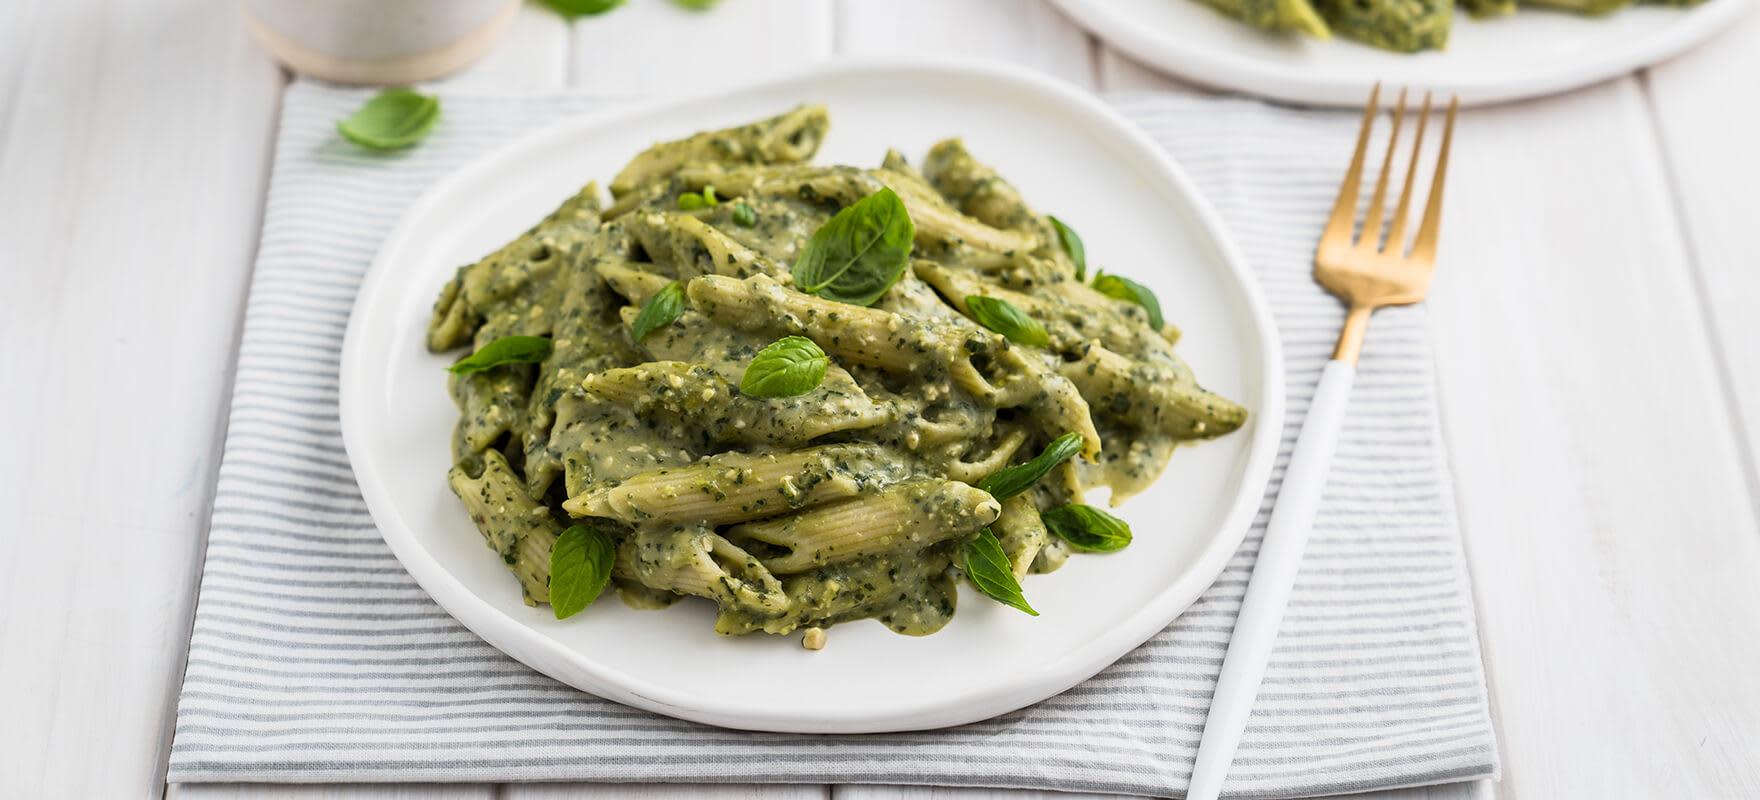 Vegan creamy pesto pasta image 1